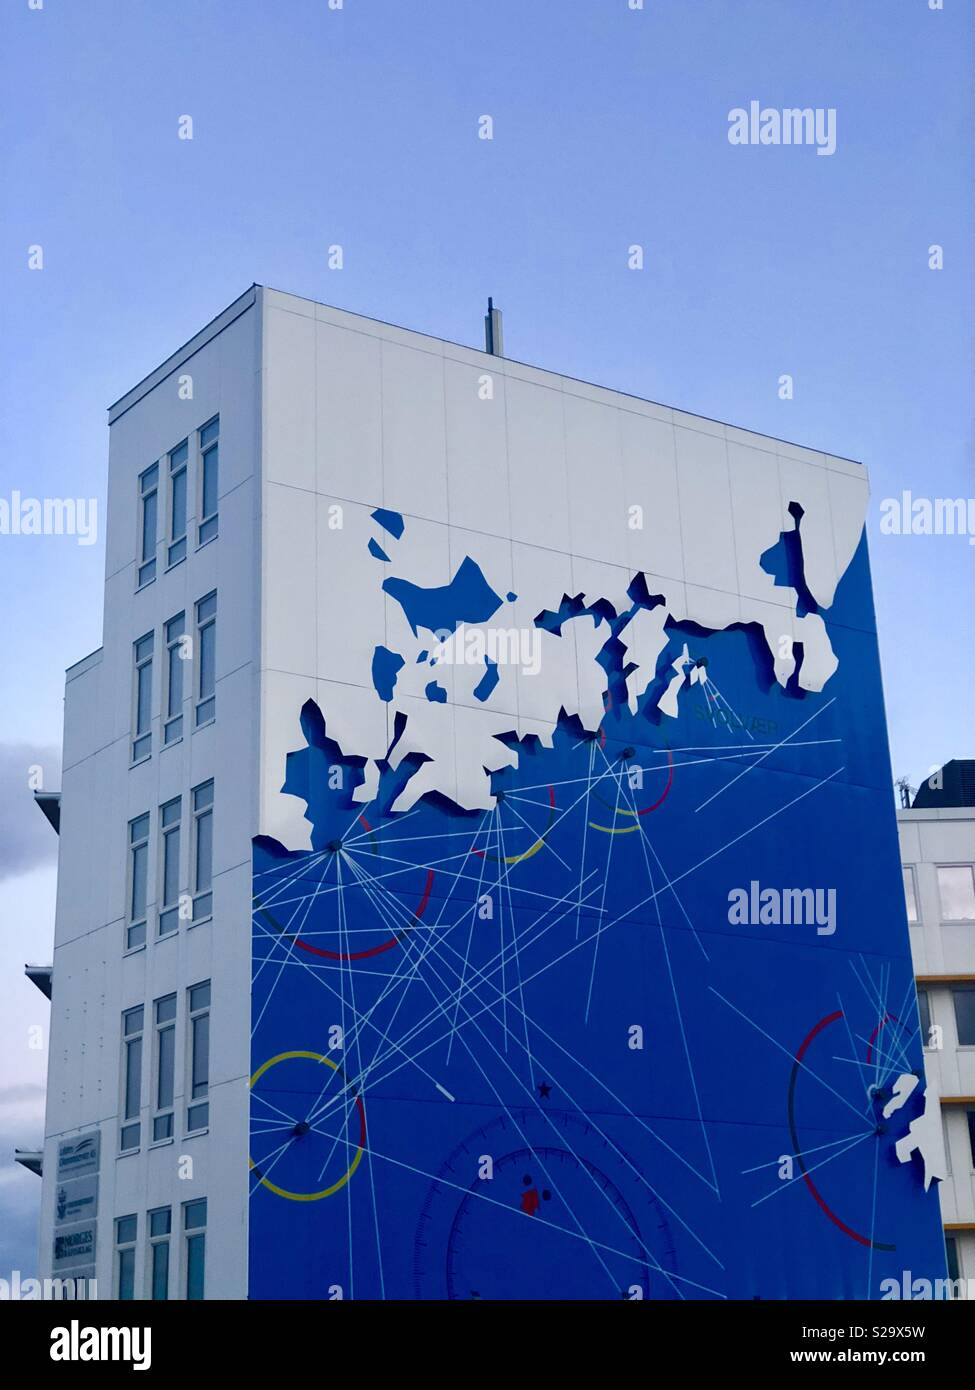 Elegante edificio situato a Svolvaer (Isole Lofoten in Norvegia) Immagini Stock